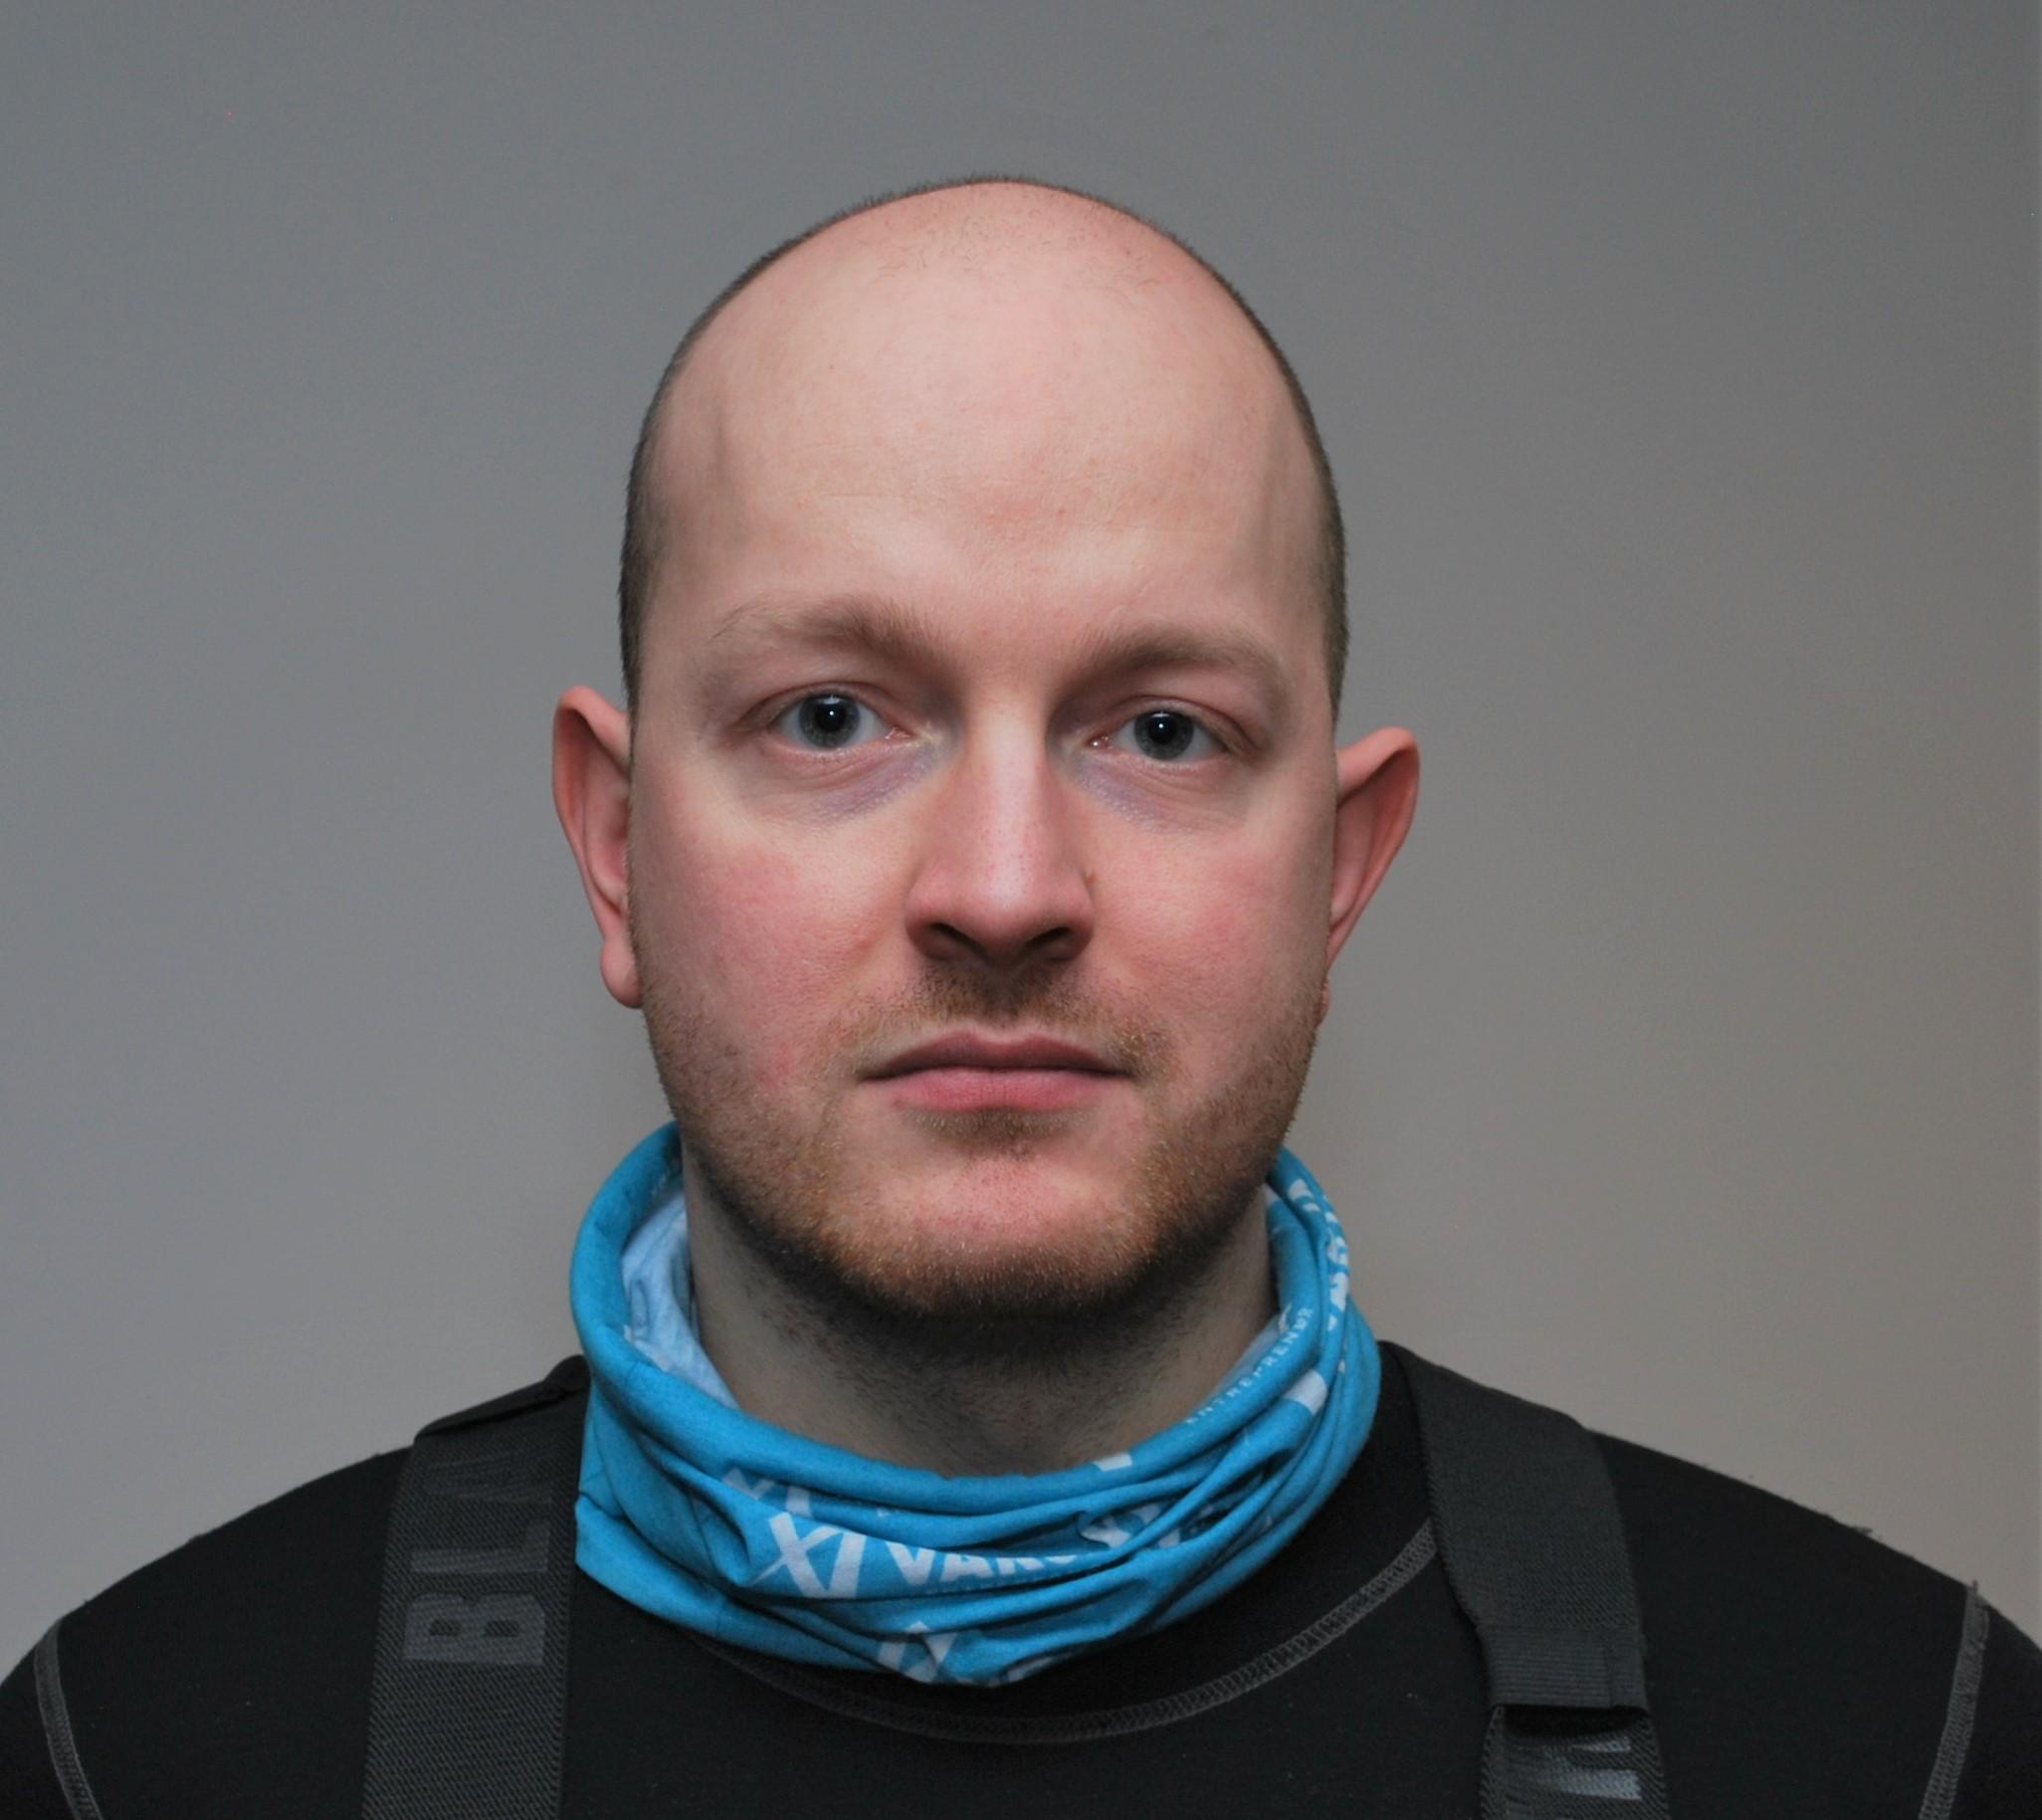 Torbjørn Ingebrigtsen